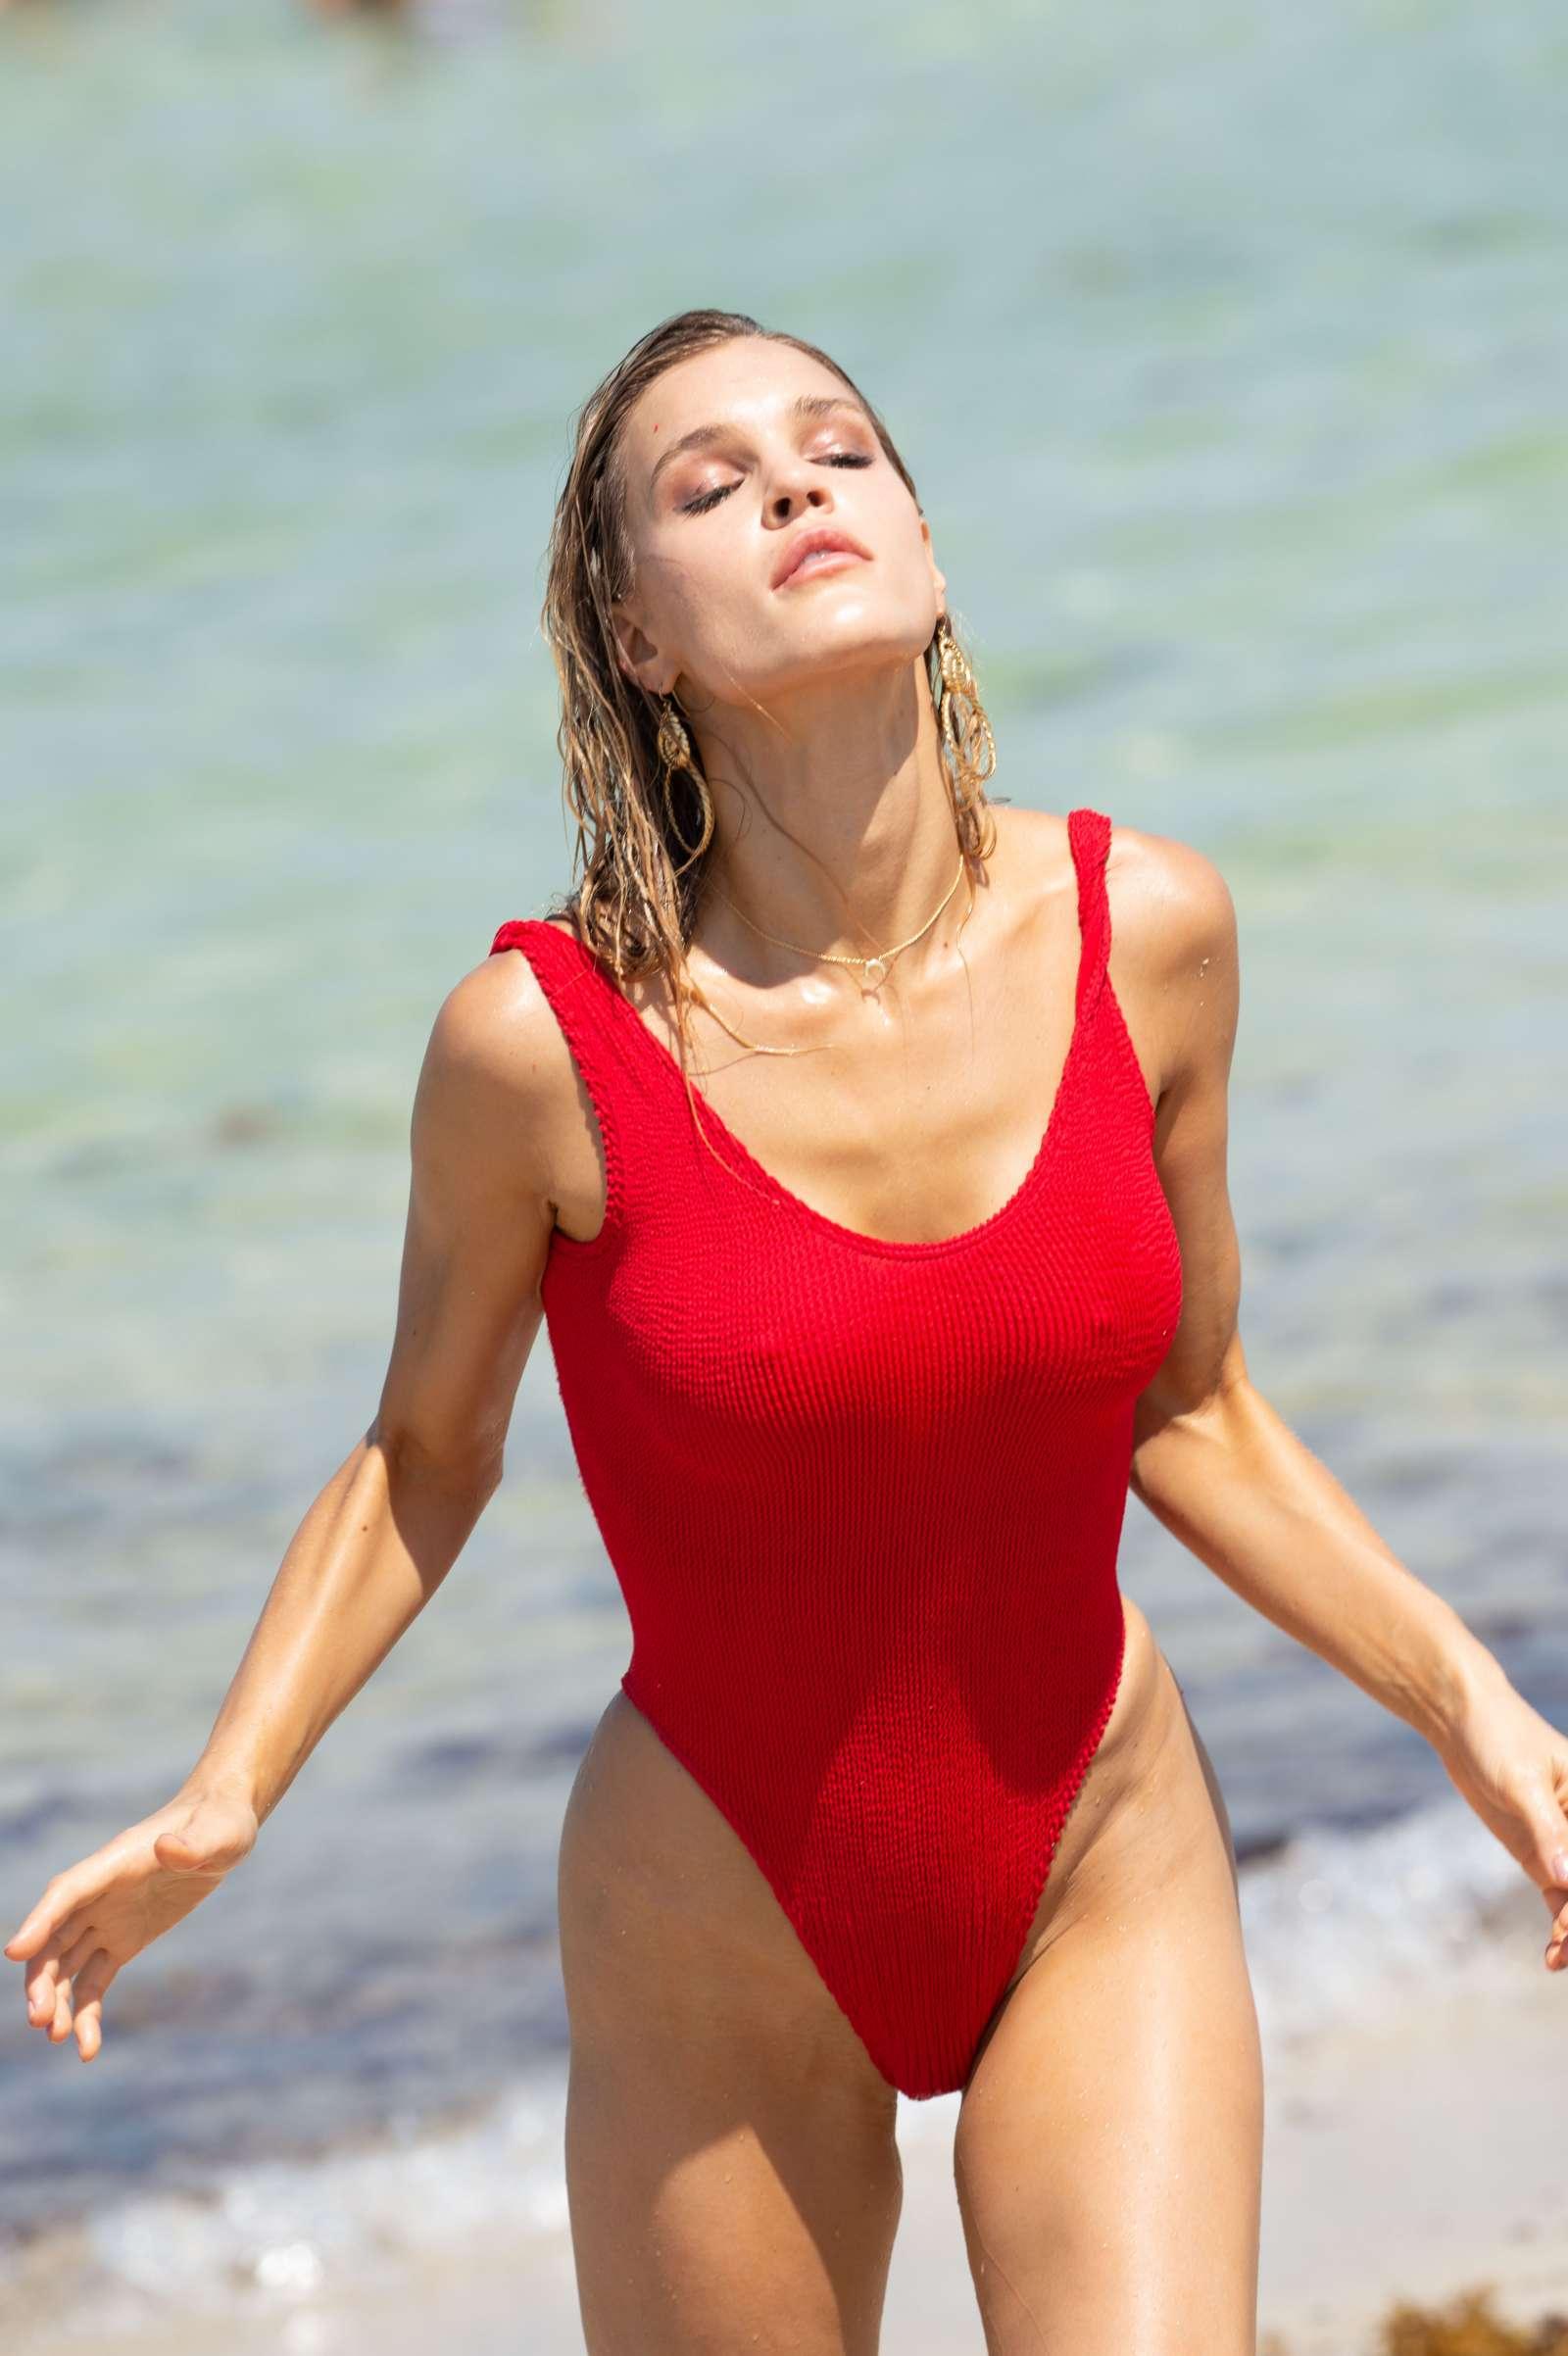 Joy Corrigan in Swimsuit - Photoshoot on Miami Beach